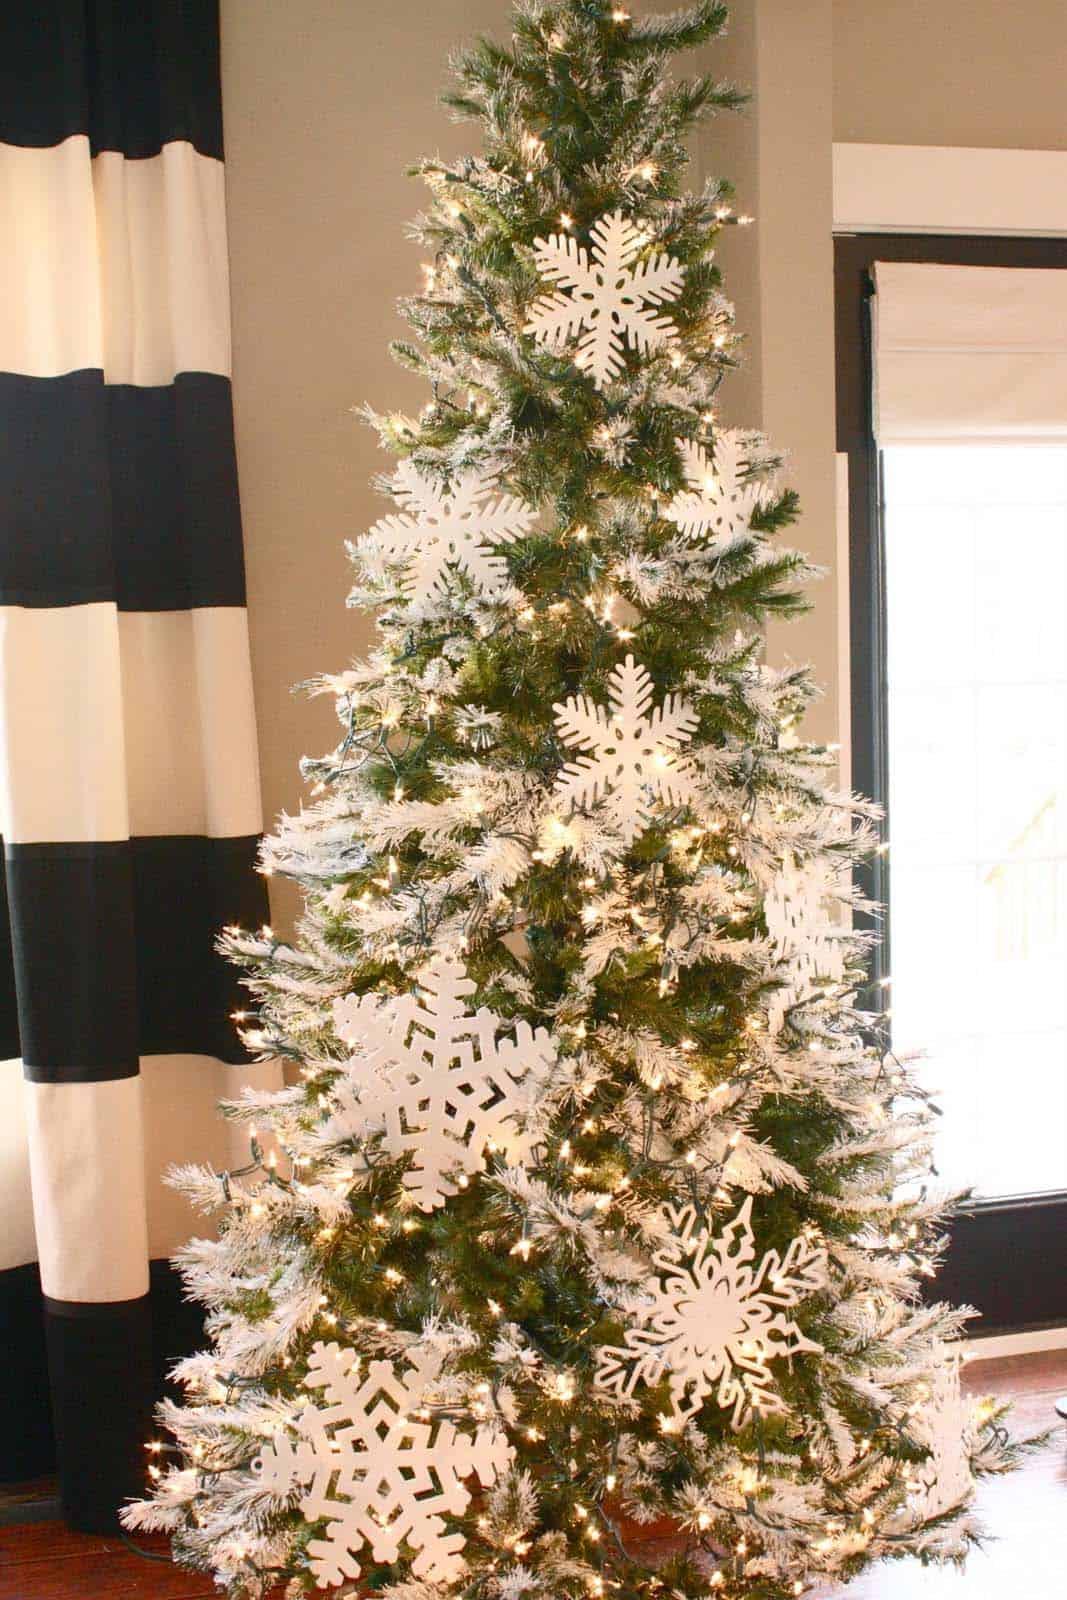 Christmas Tree Decoration Ideas-16-1 Kindesign